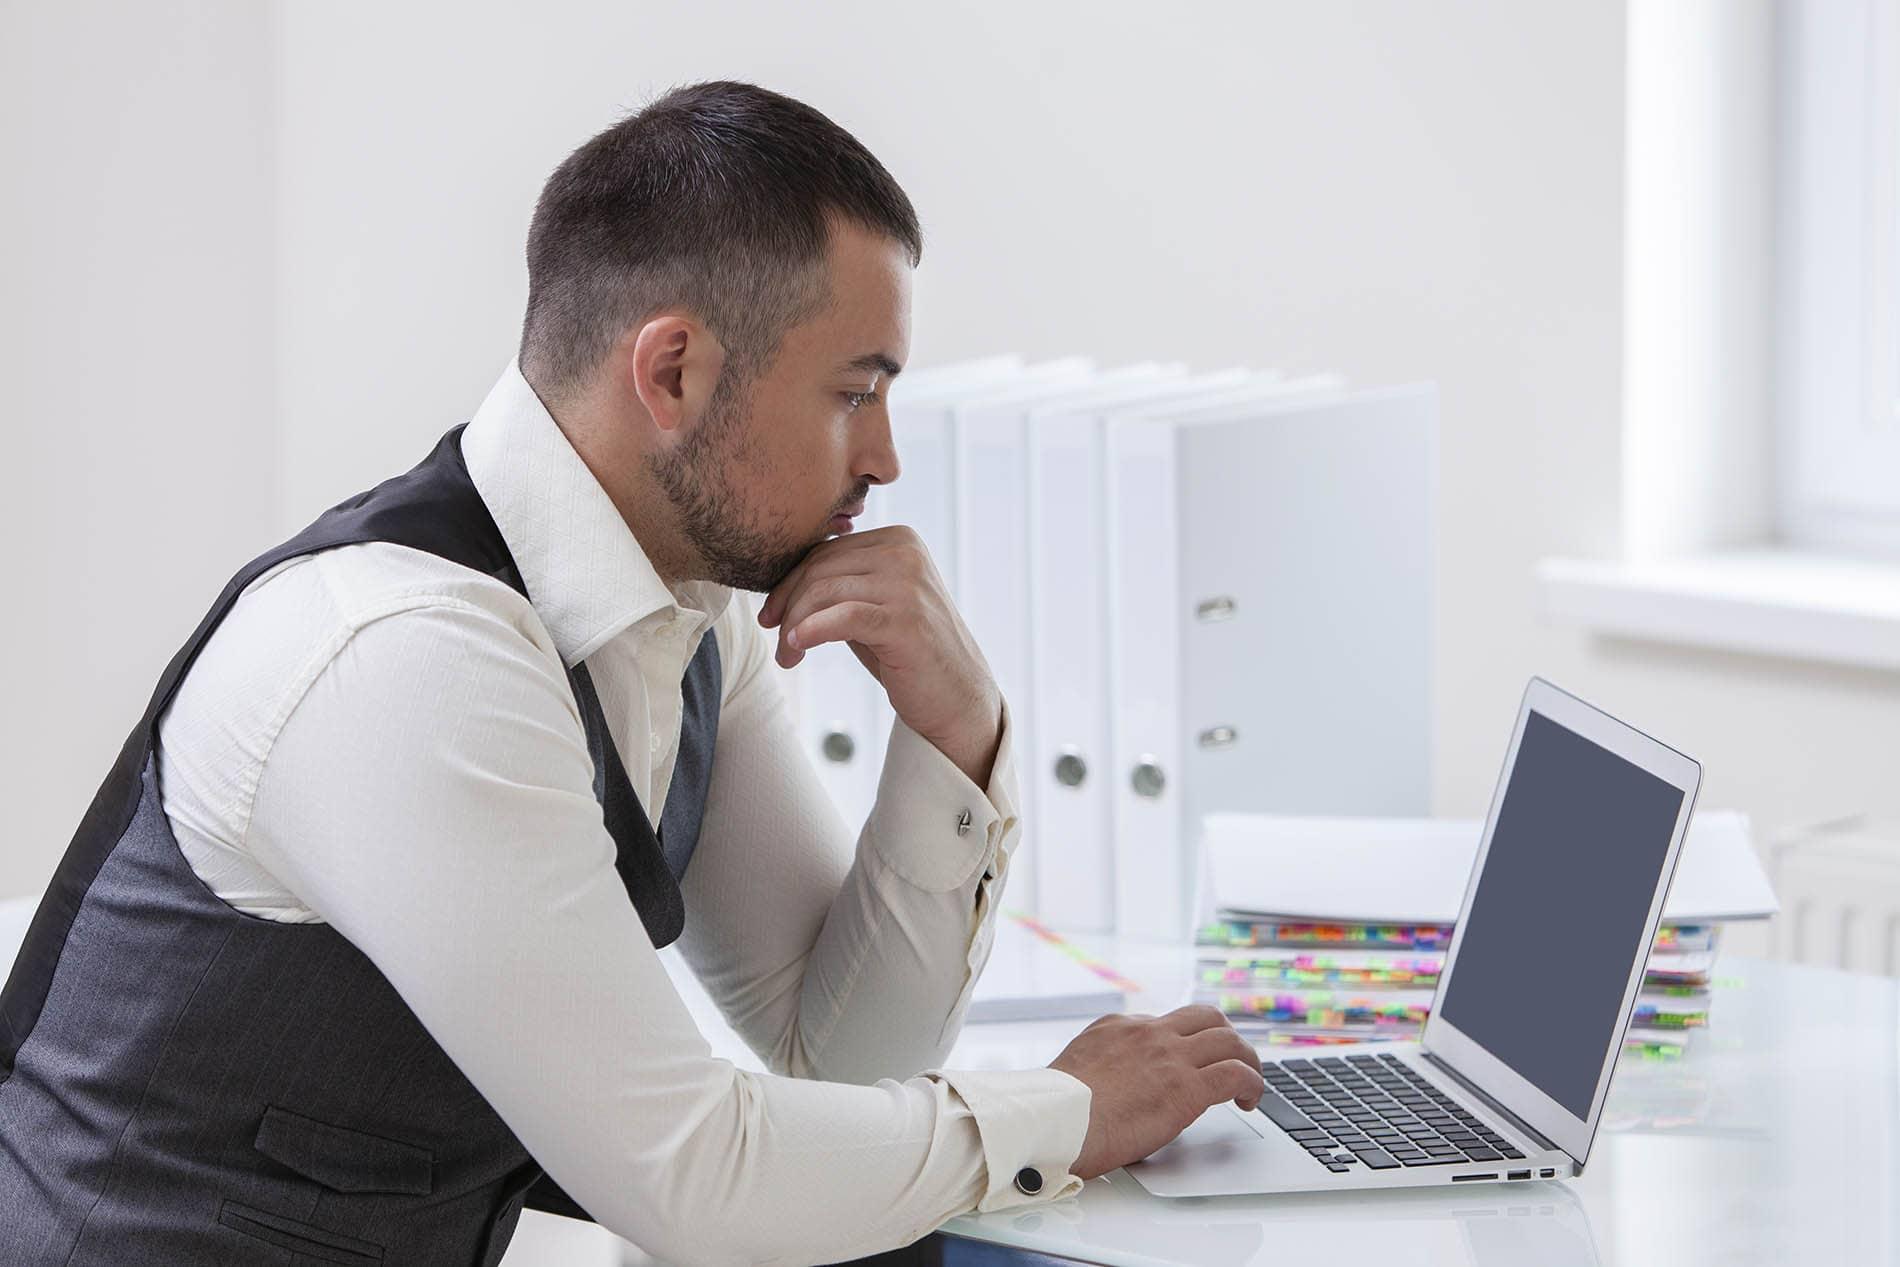 Digitaliza tu empresa ahora con SPI Tecnologías gracias a las subvenciones del Gobierno de Aragón